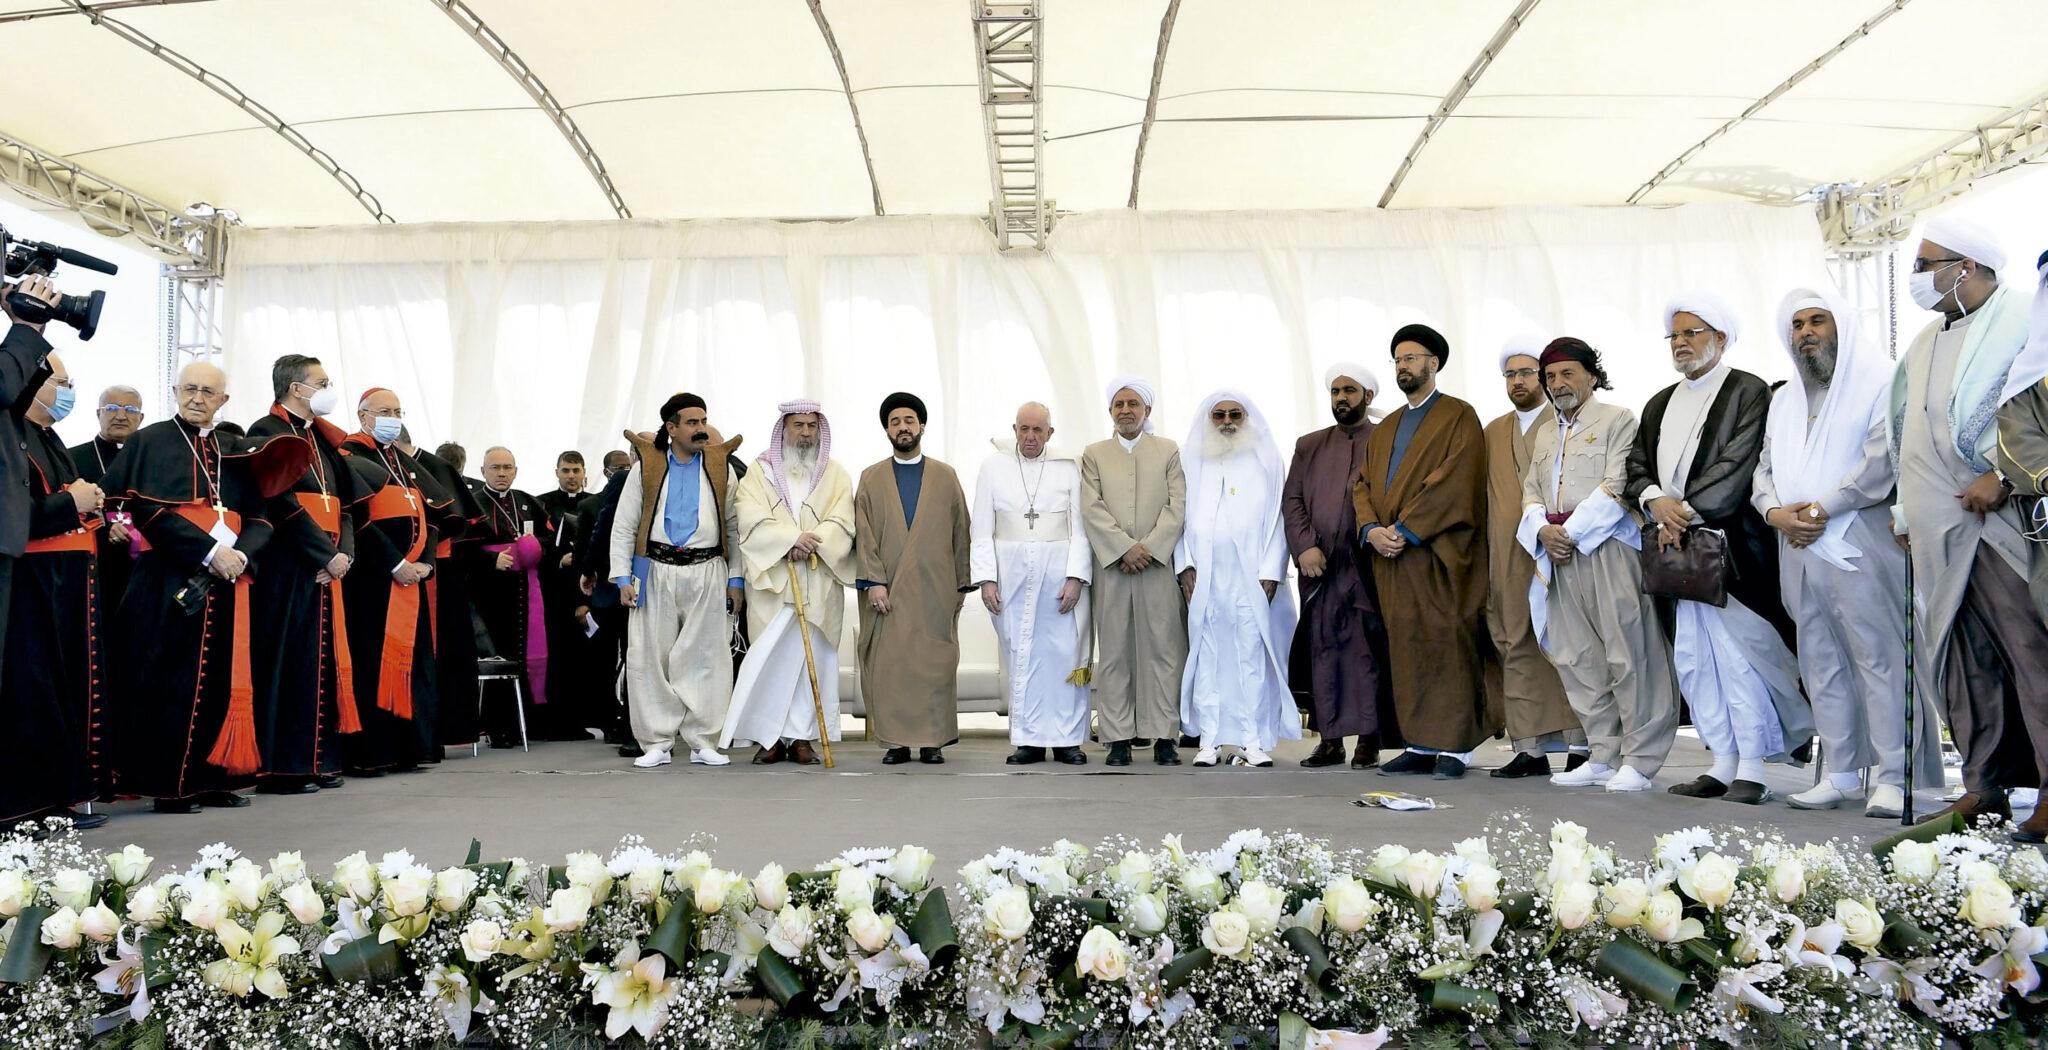 Encuentro interreligioso en Ur. Irak